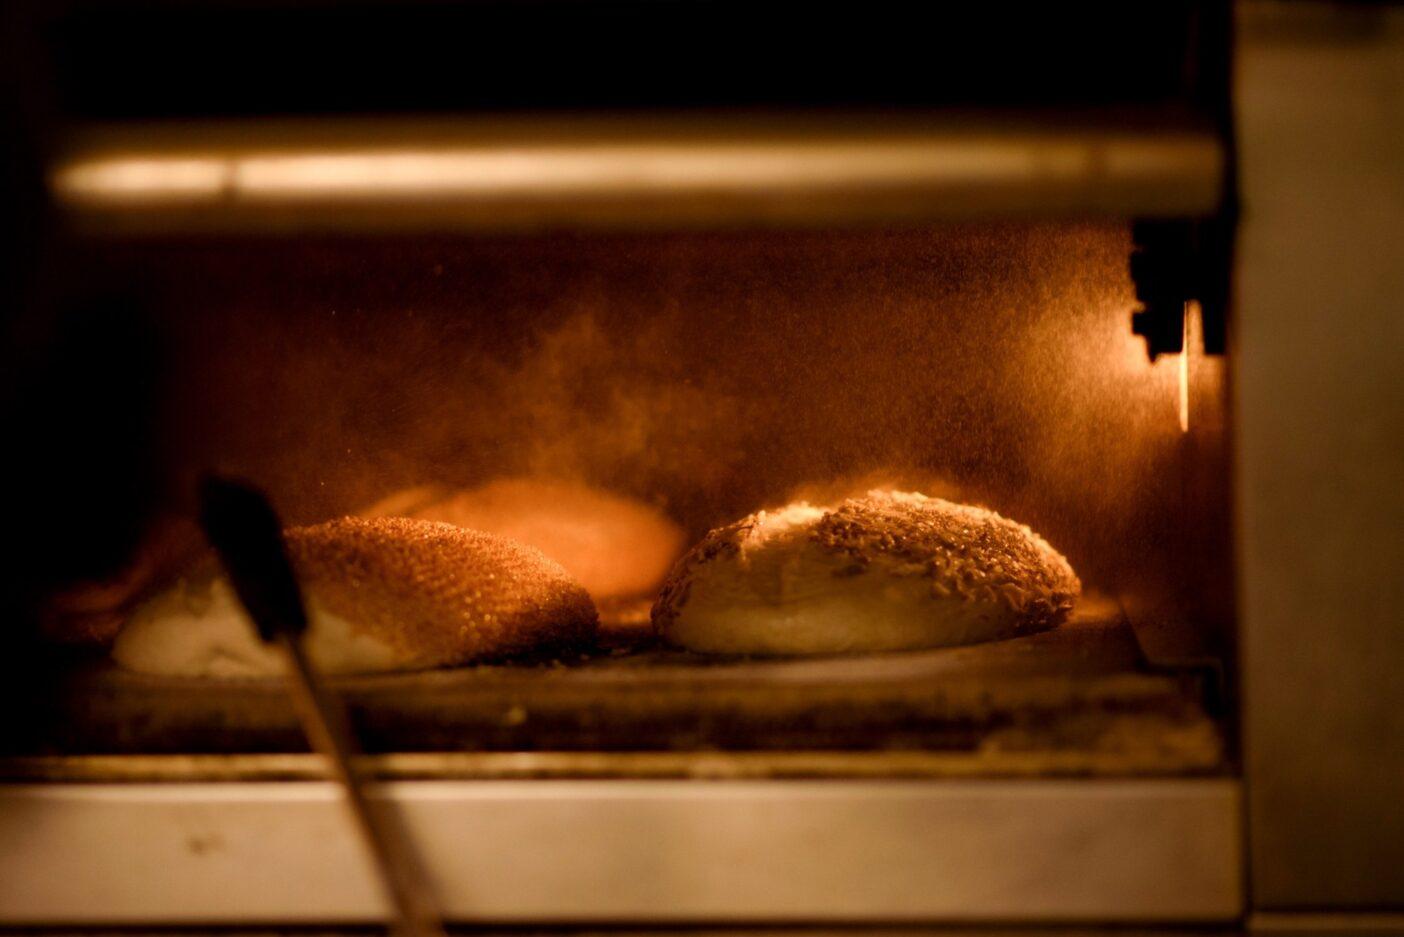 デニコラが早起きする理由。パンは、コミュニティと同じように、自然な材料に温かさや愛を加える魔法から生まれる。Photo: Joe Haeberle